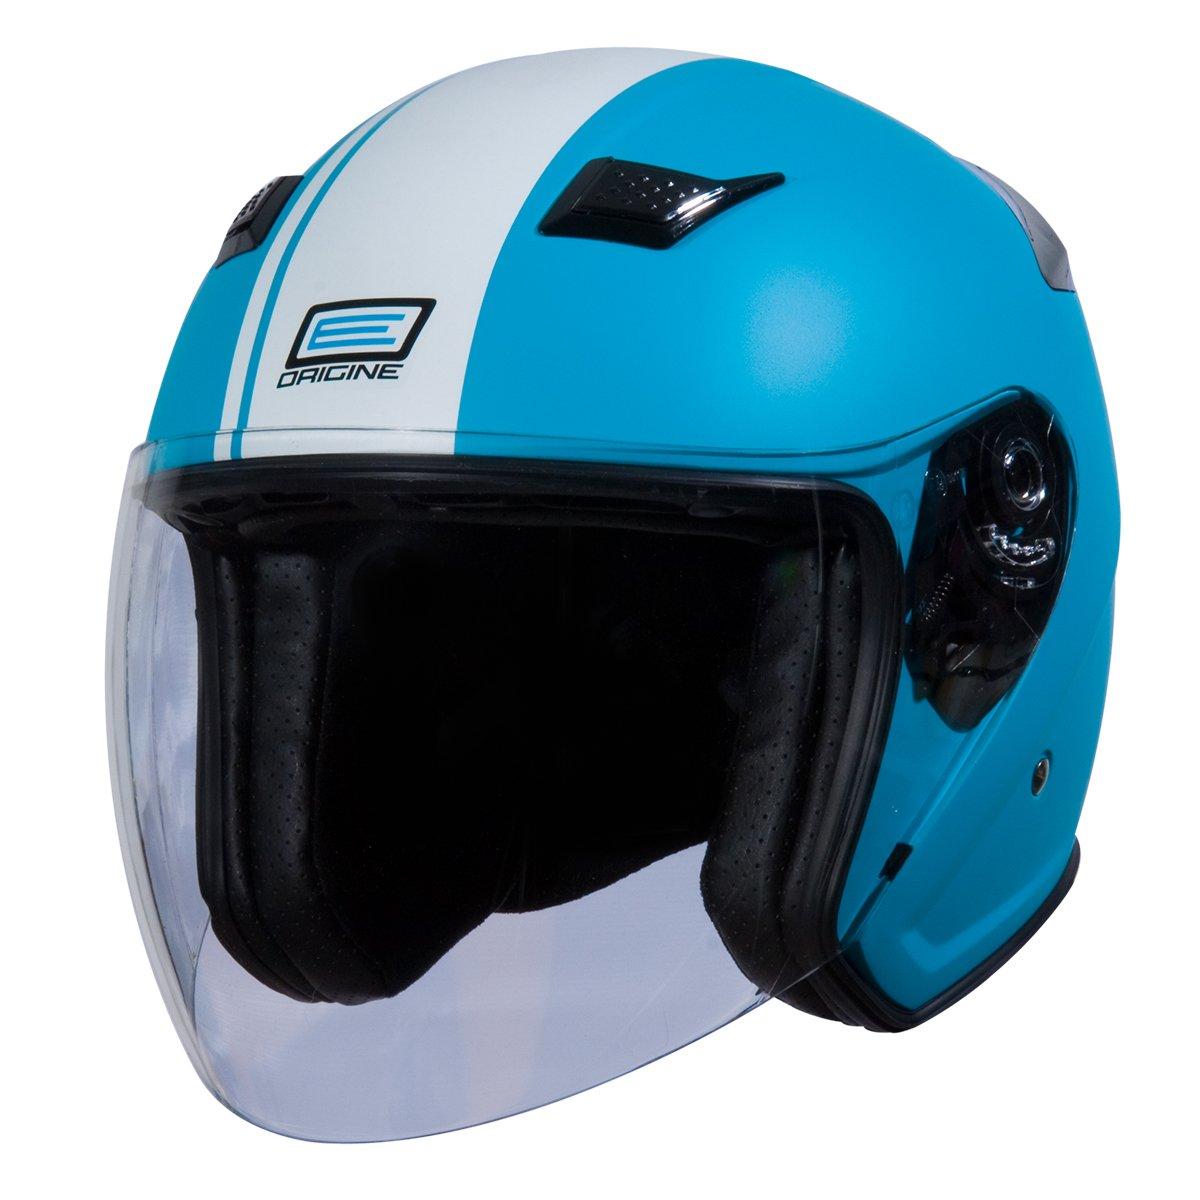 Origine O526 Aperto 3/4 Helmet (Flat Blue, X-Small) (White Gara) by Origine